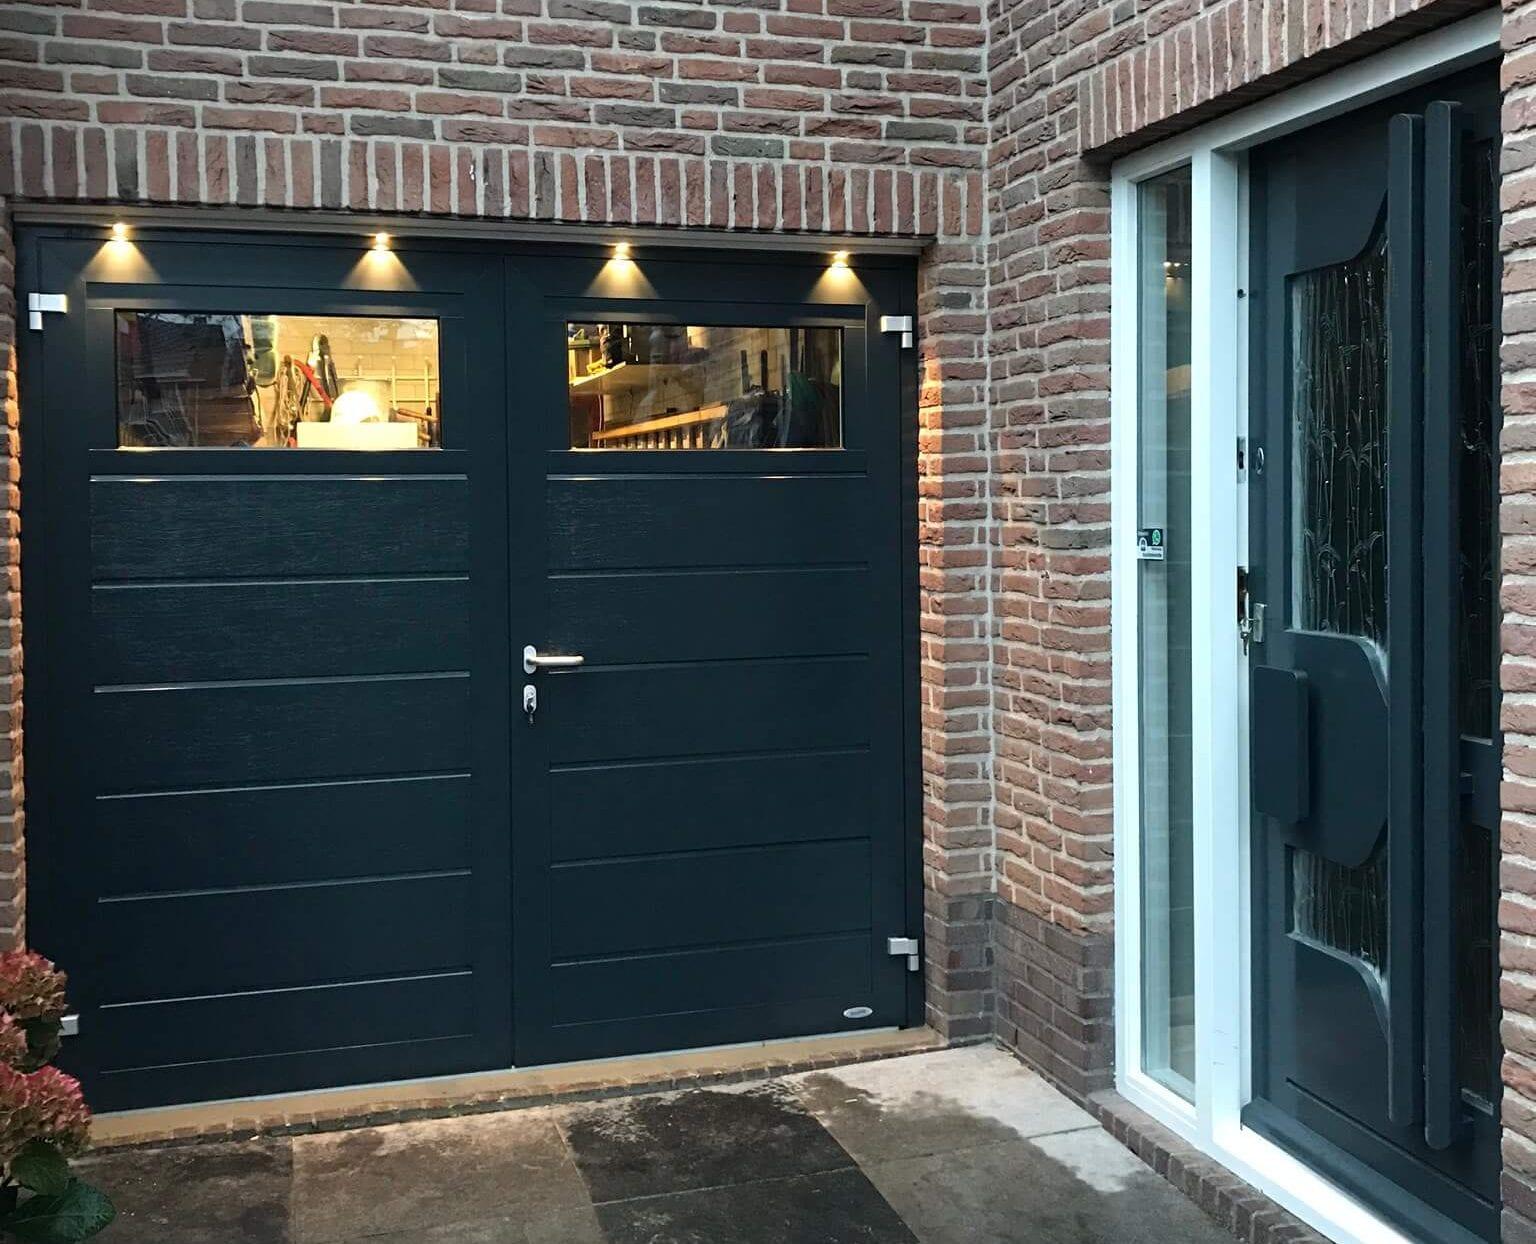 Novoferm Duoport Bodegraven, horizontaal breed met vensters RAL 7016